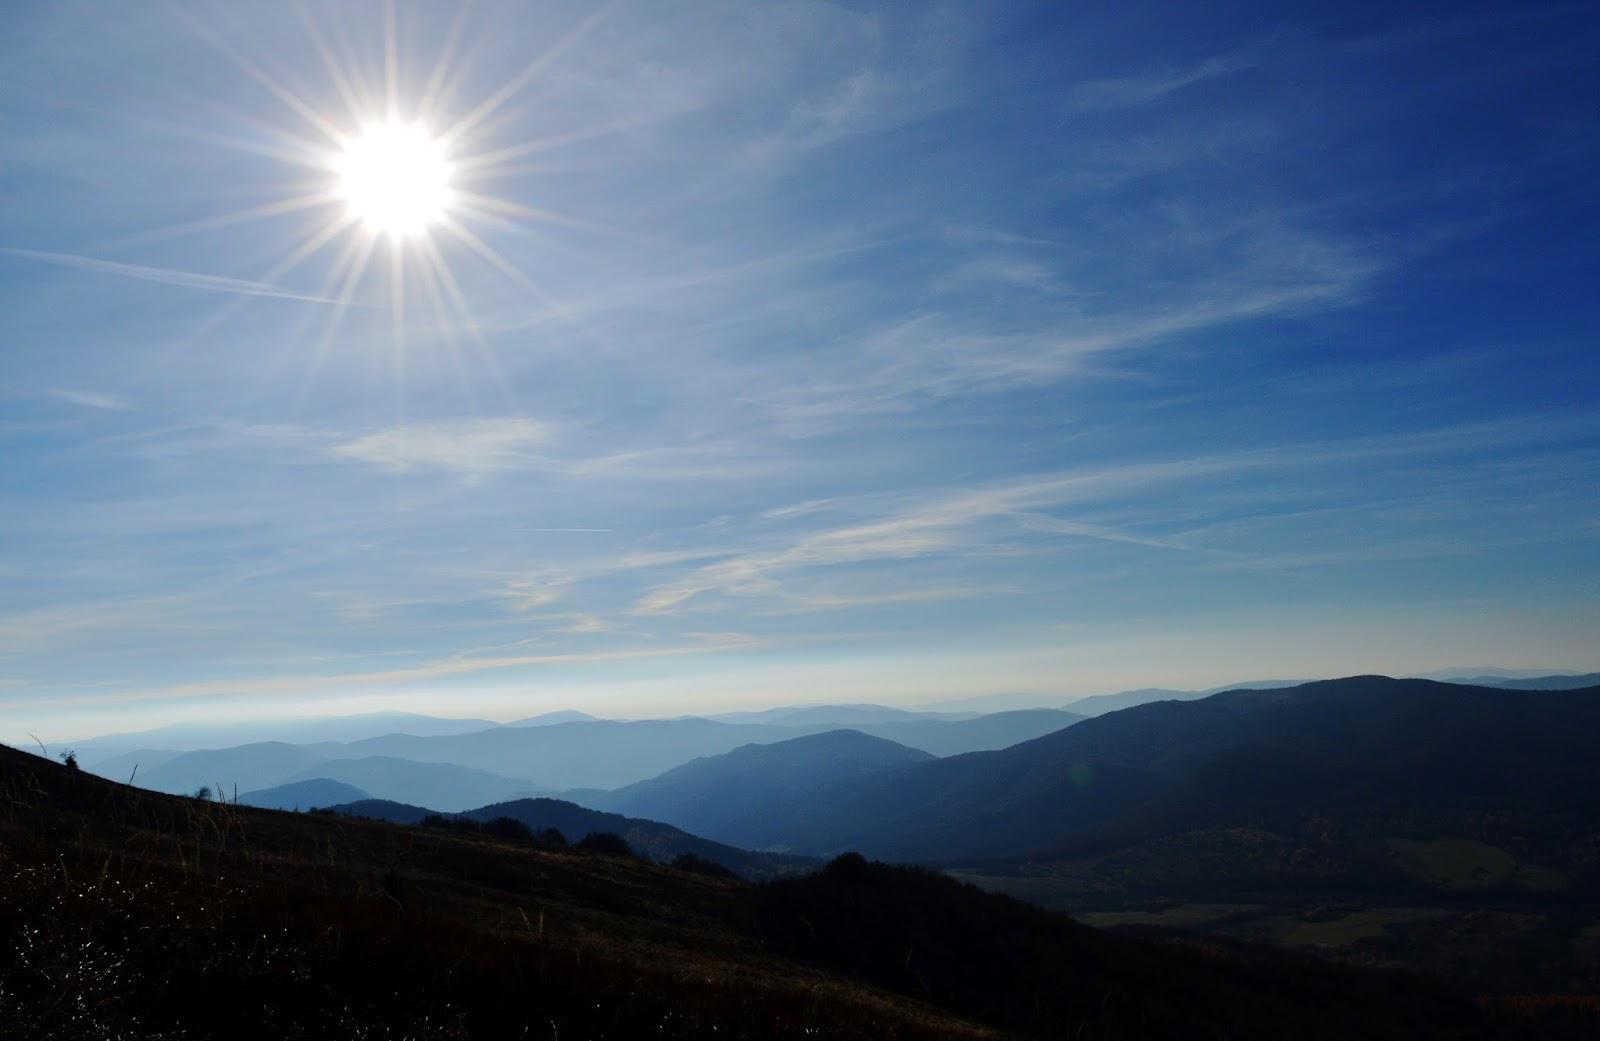 Ochrona przeciwsłoneczna w górach